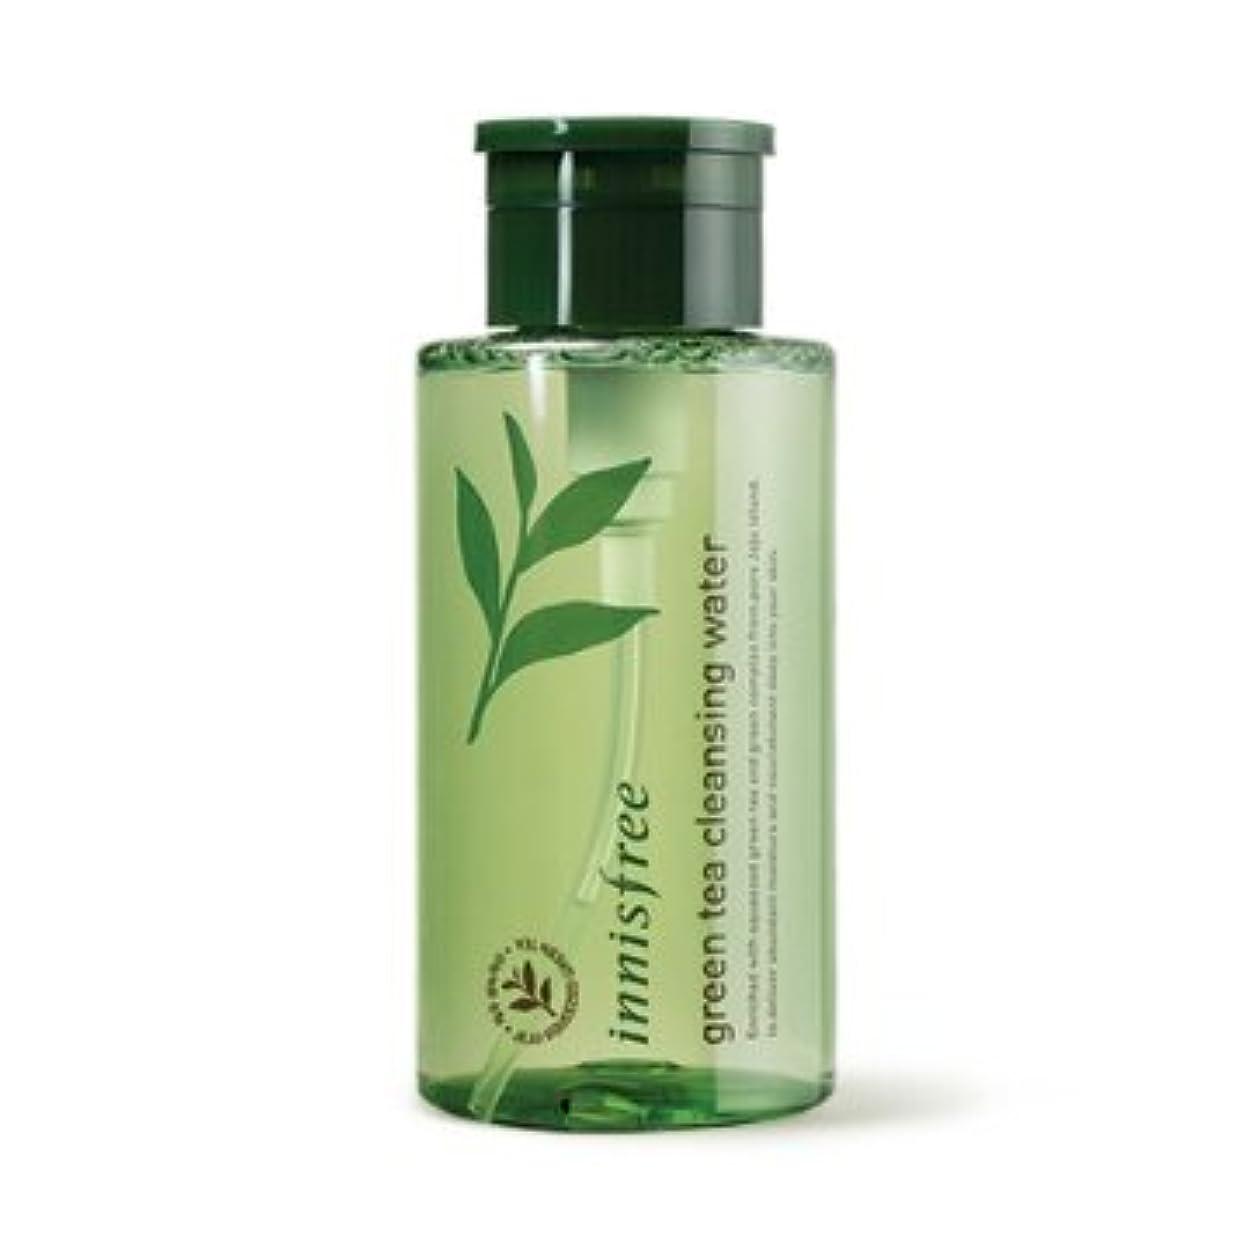 ガウンレポートを書く想像する【イニスフリー】Innisfree green tea cleansing water - 300ml(300ml (韓国直送品) (SHOPPINGINSTAGRAM)